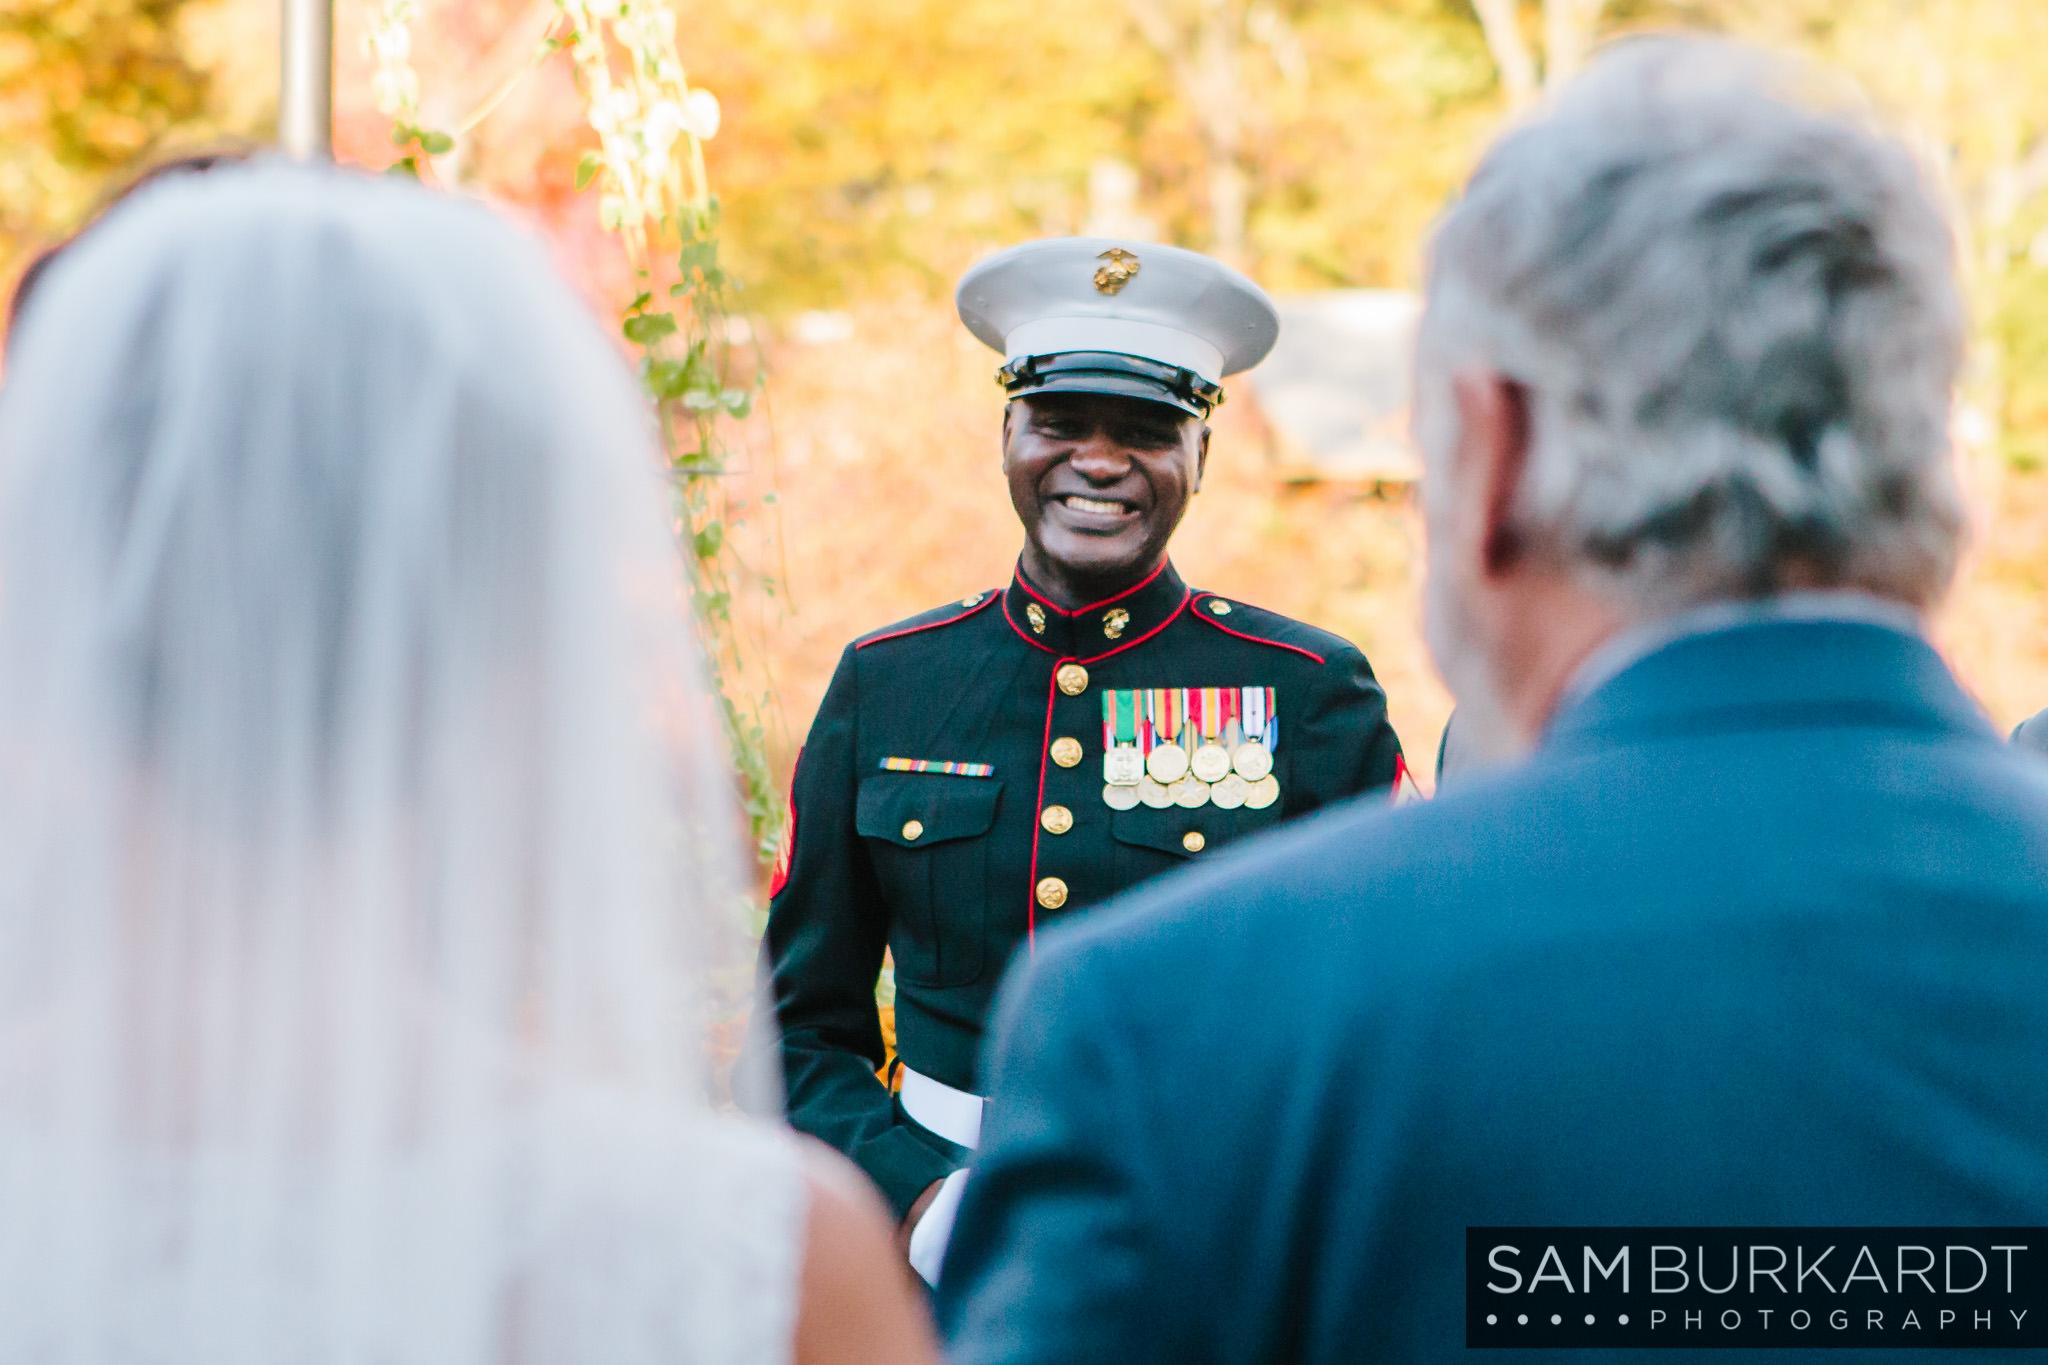 samburkardt_pond_house_hartford_wedding_fall_0041.jpg